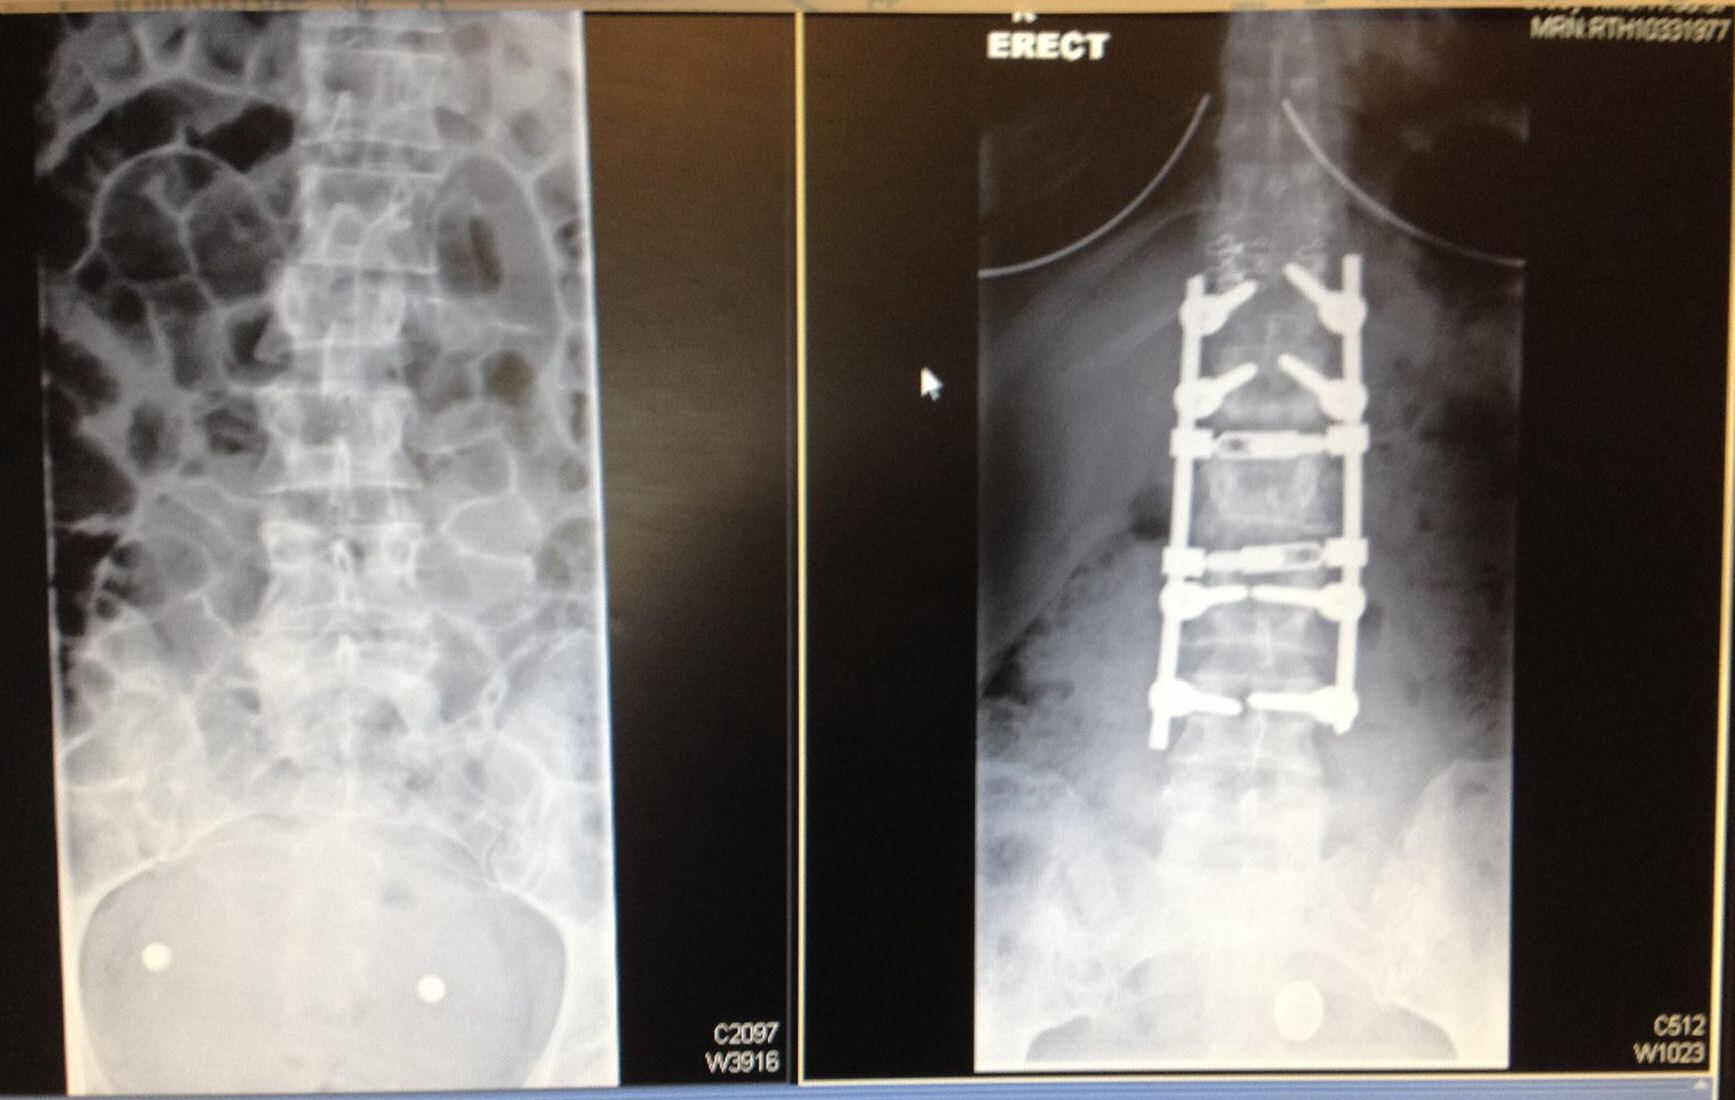 sharon_fractured_spine_xray_ibt_1.jpg - 198.99 kB